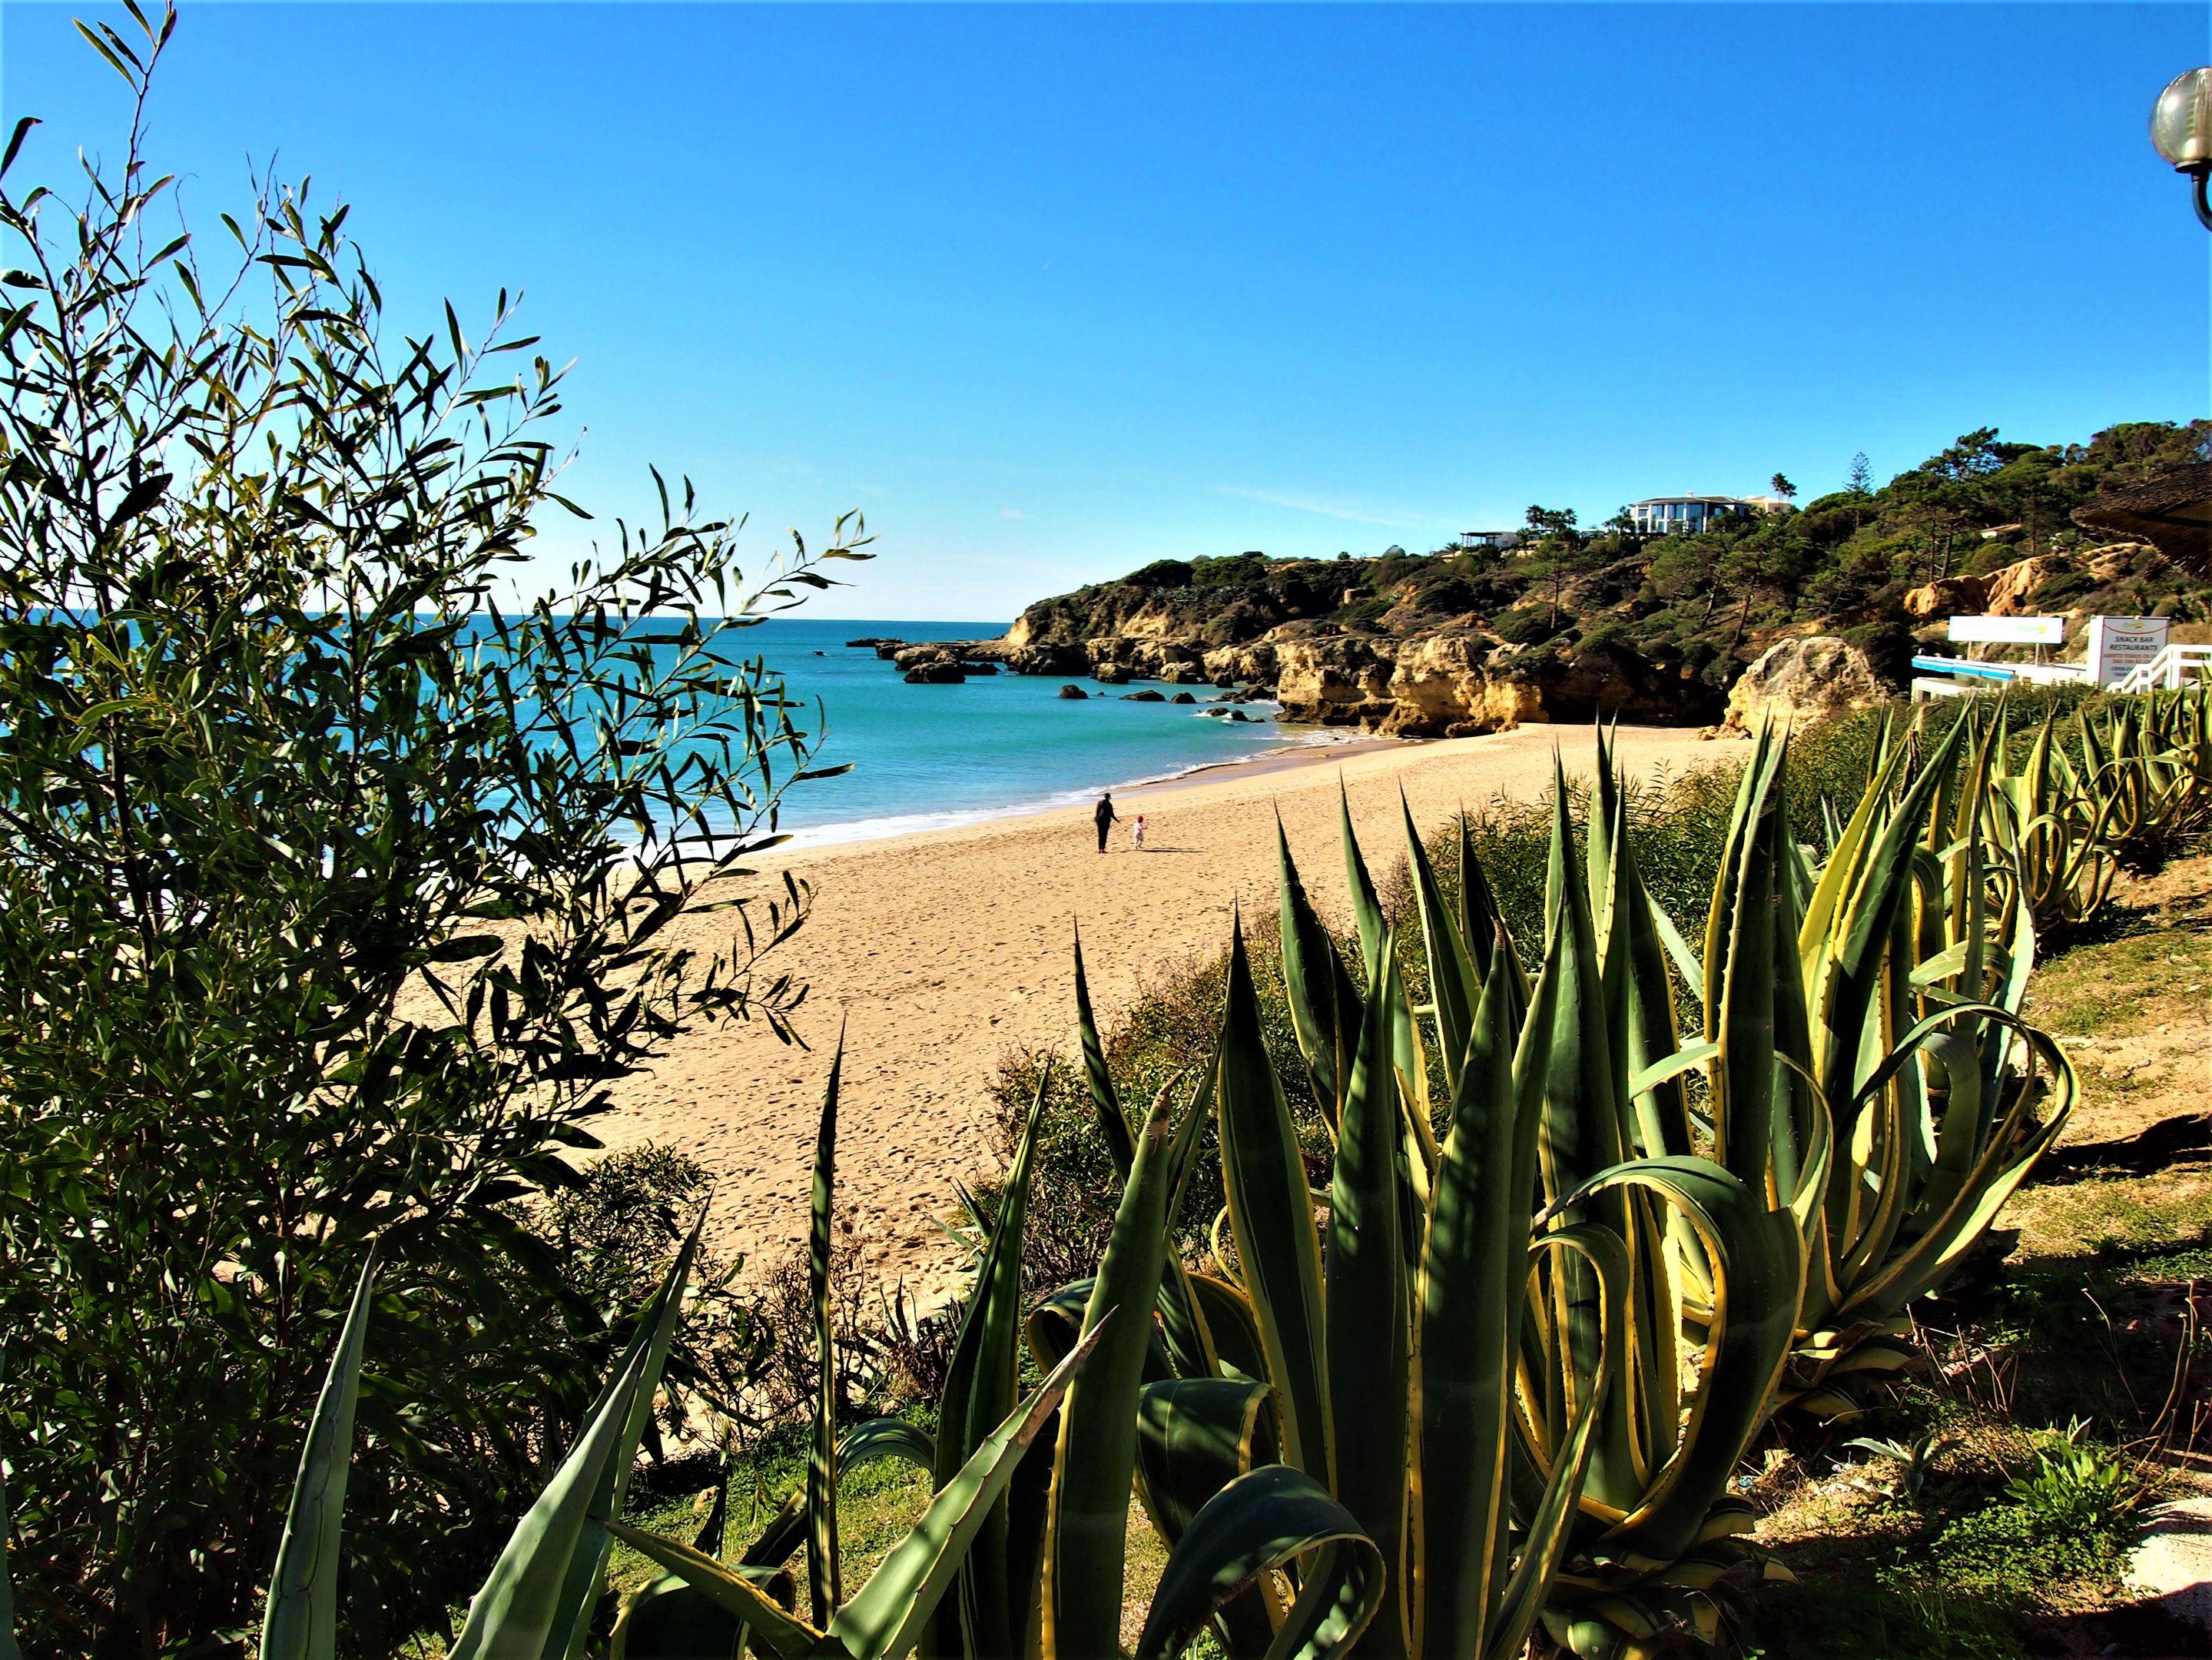 Пляж Praia do Oura, Албуфейра, всего в нескольких минутах ходьбы от района Стрип.